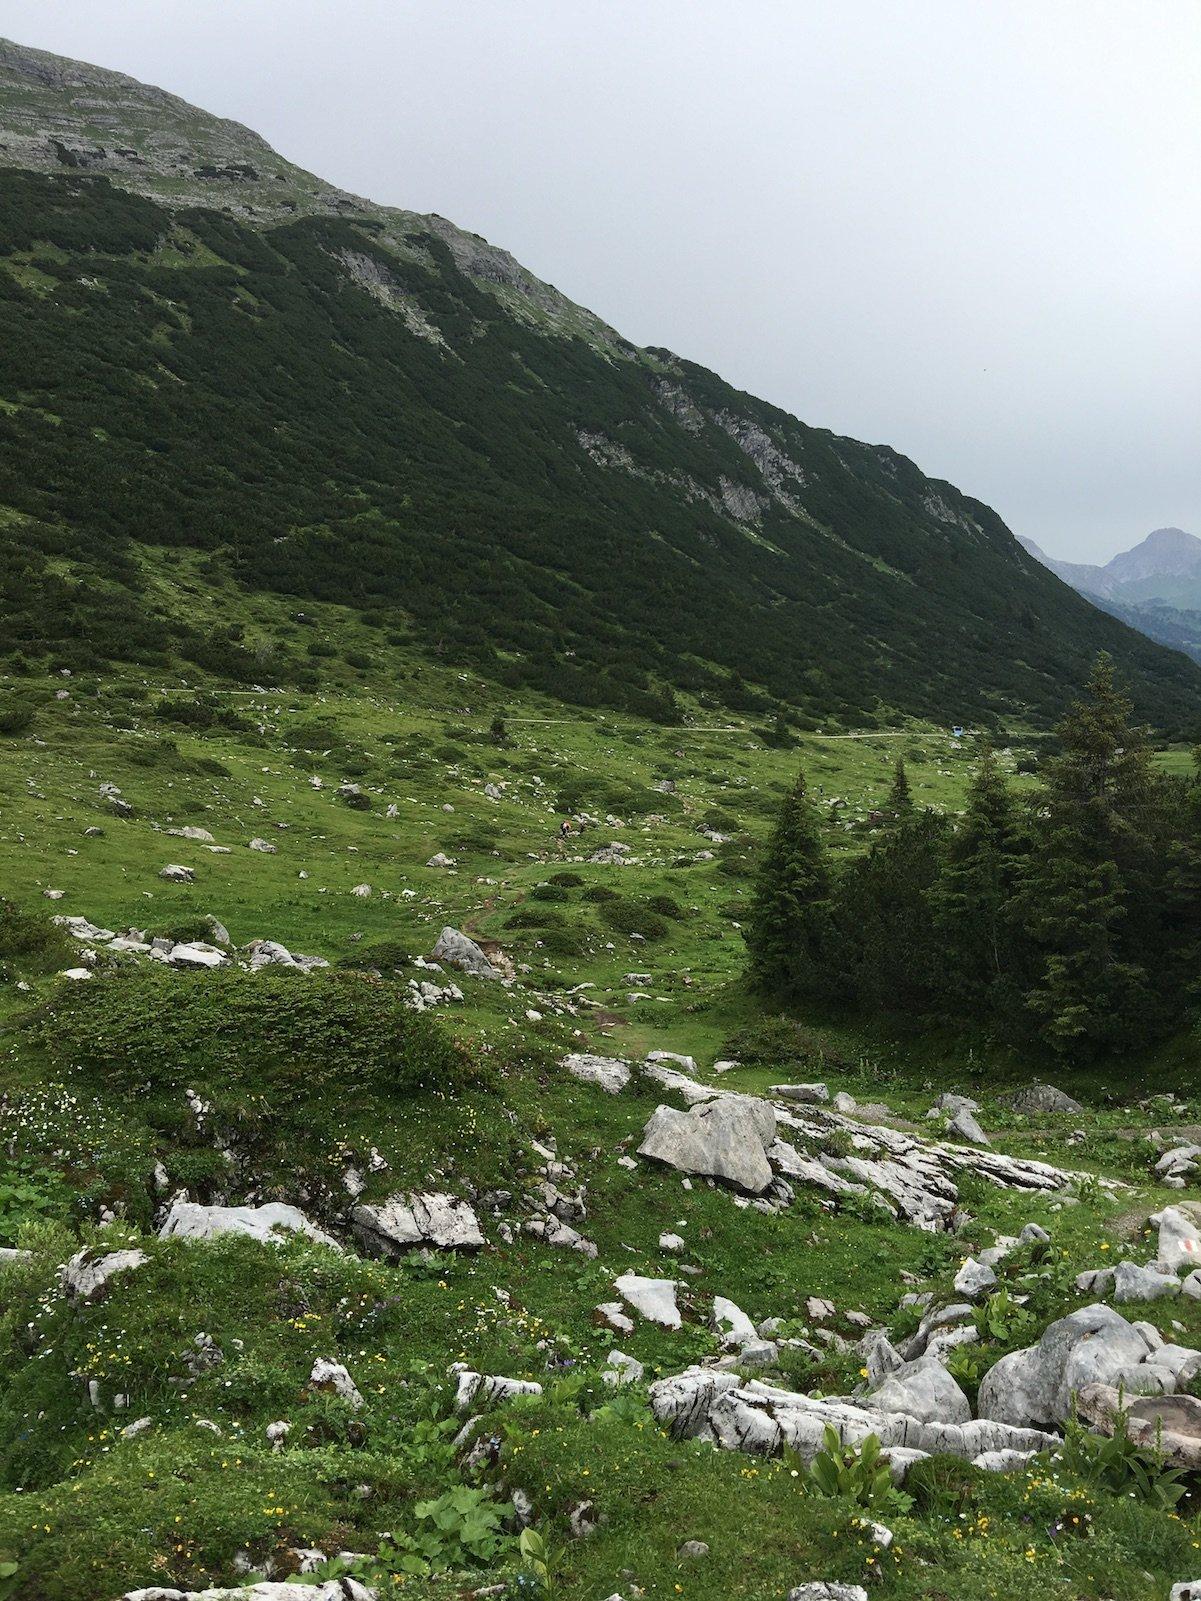 Herrliche Landschaft auf der ersten Etappe des Lechwegs vom Formarinsee nach Lech